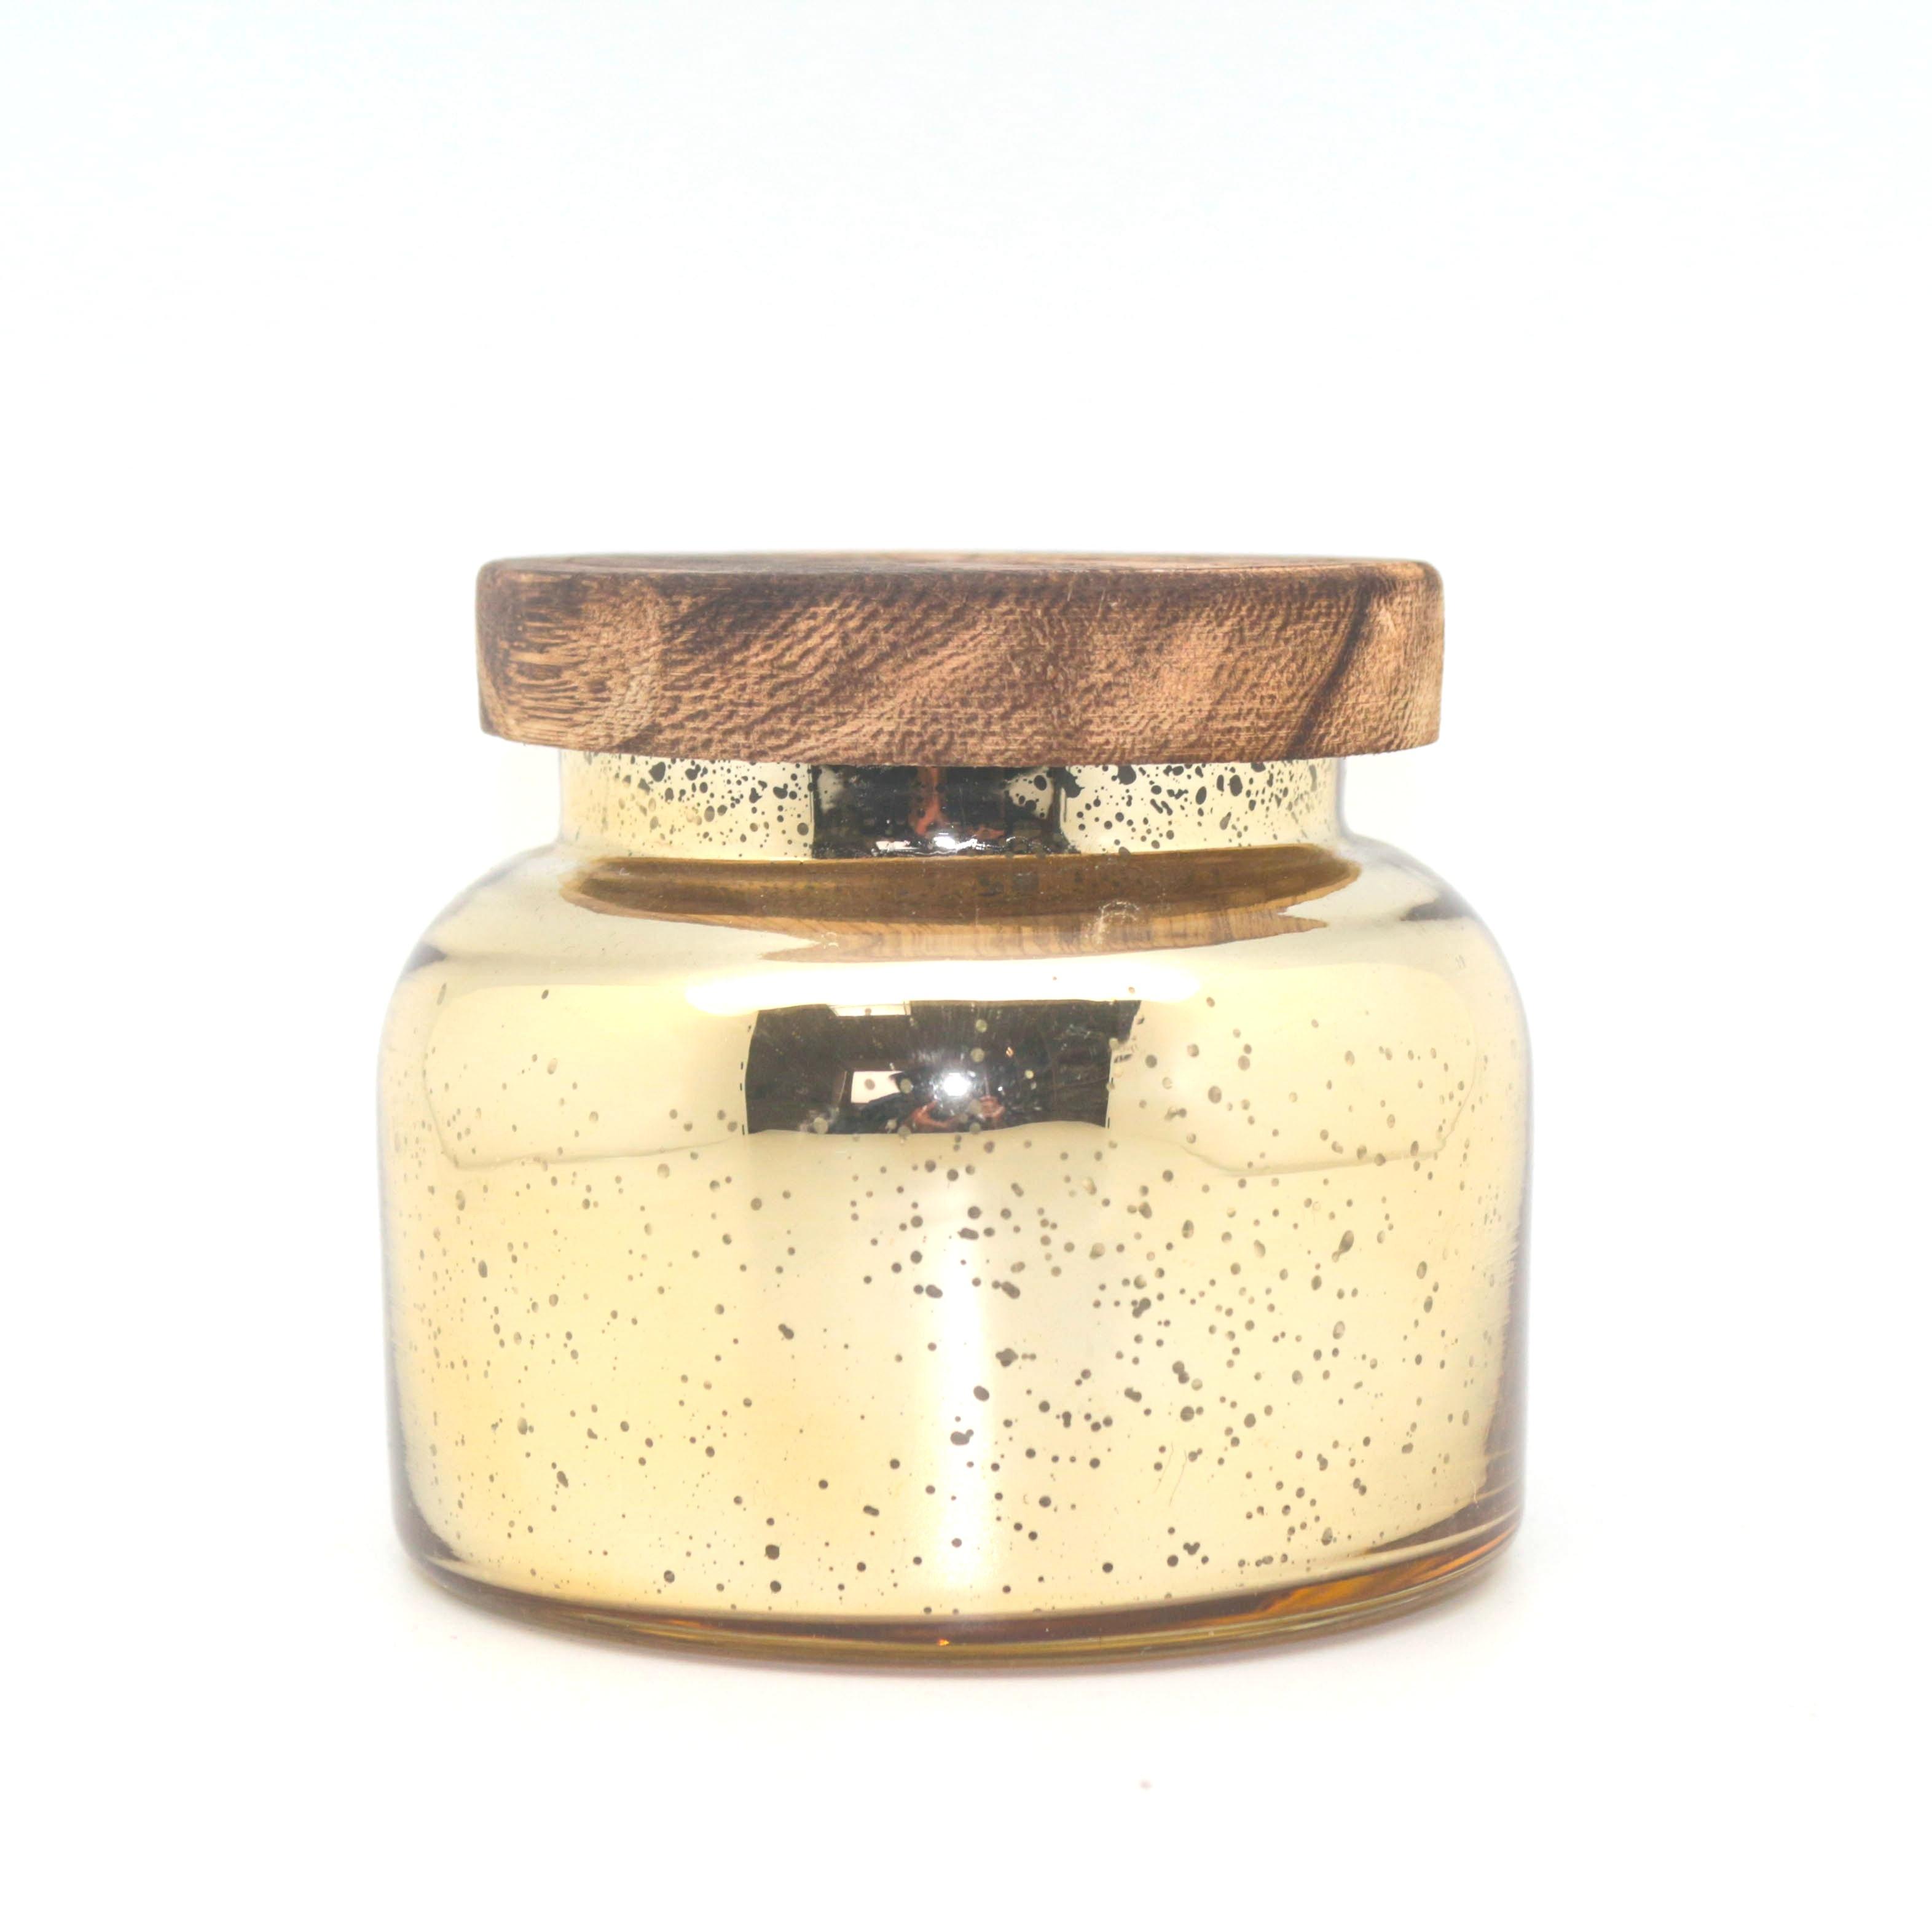 en gros or mercure bocaux en verre avec couvercles. Black Bedroom Furniture Sets. Home Design Ideas